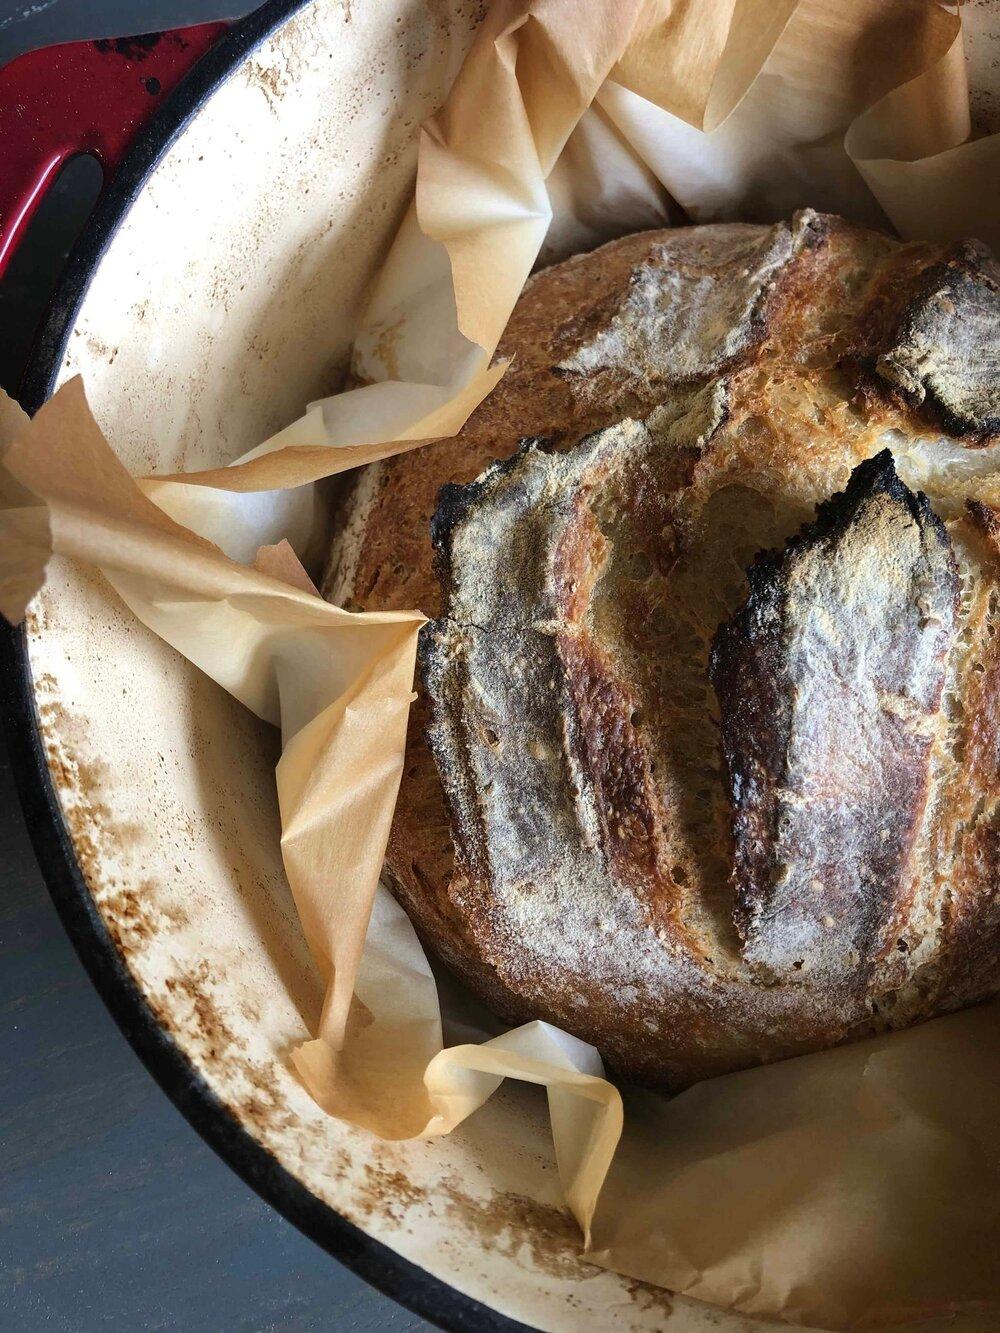 Missouri Girl homemade Sourdough Bread